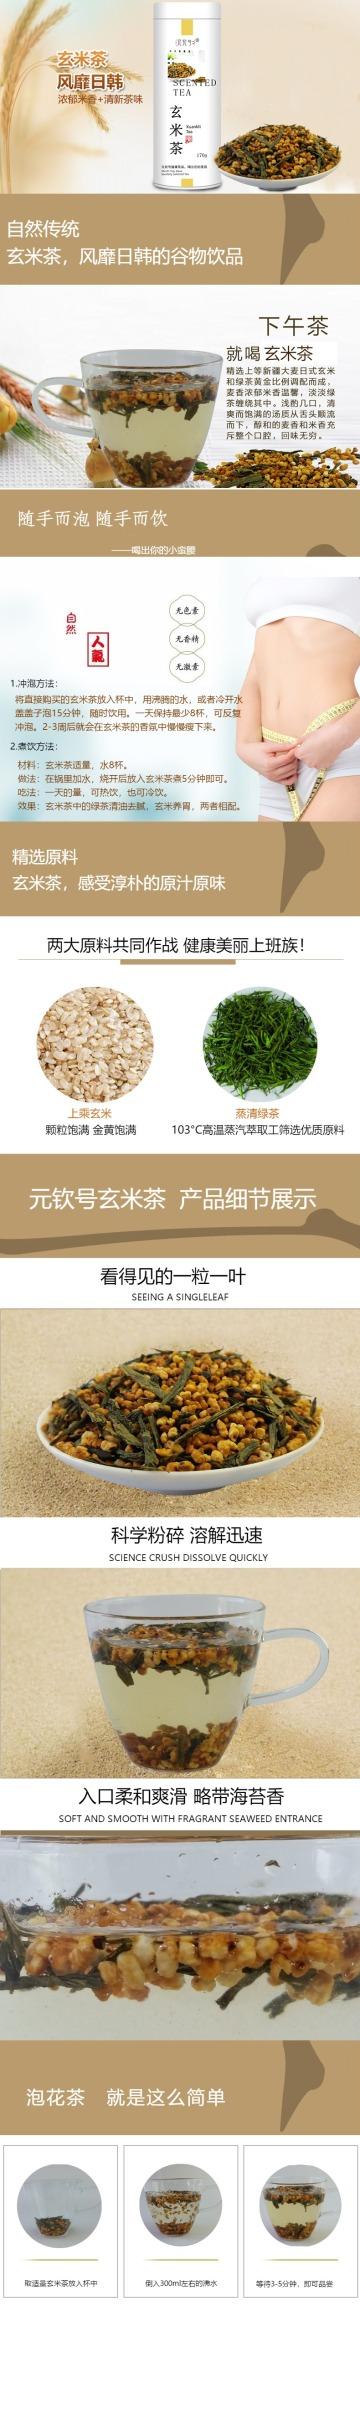 简约健康玄米茶电商详情页